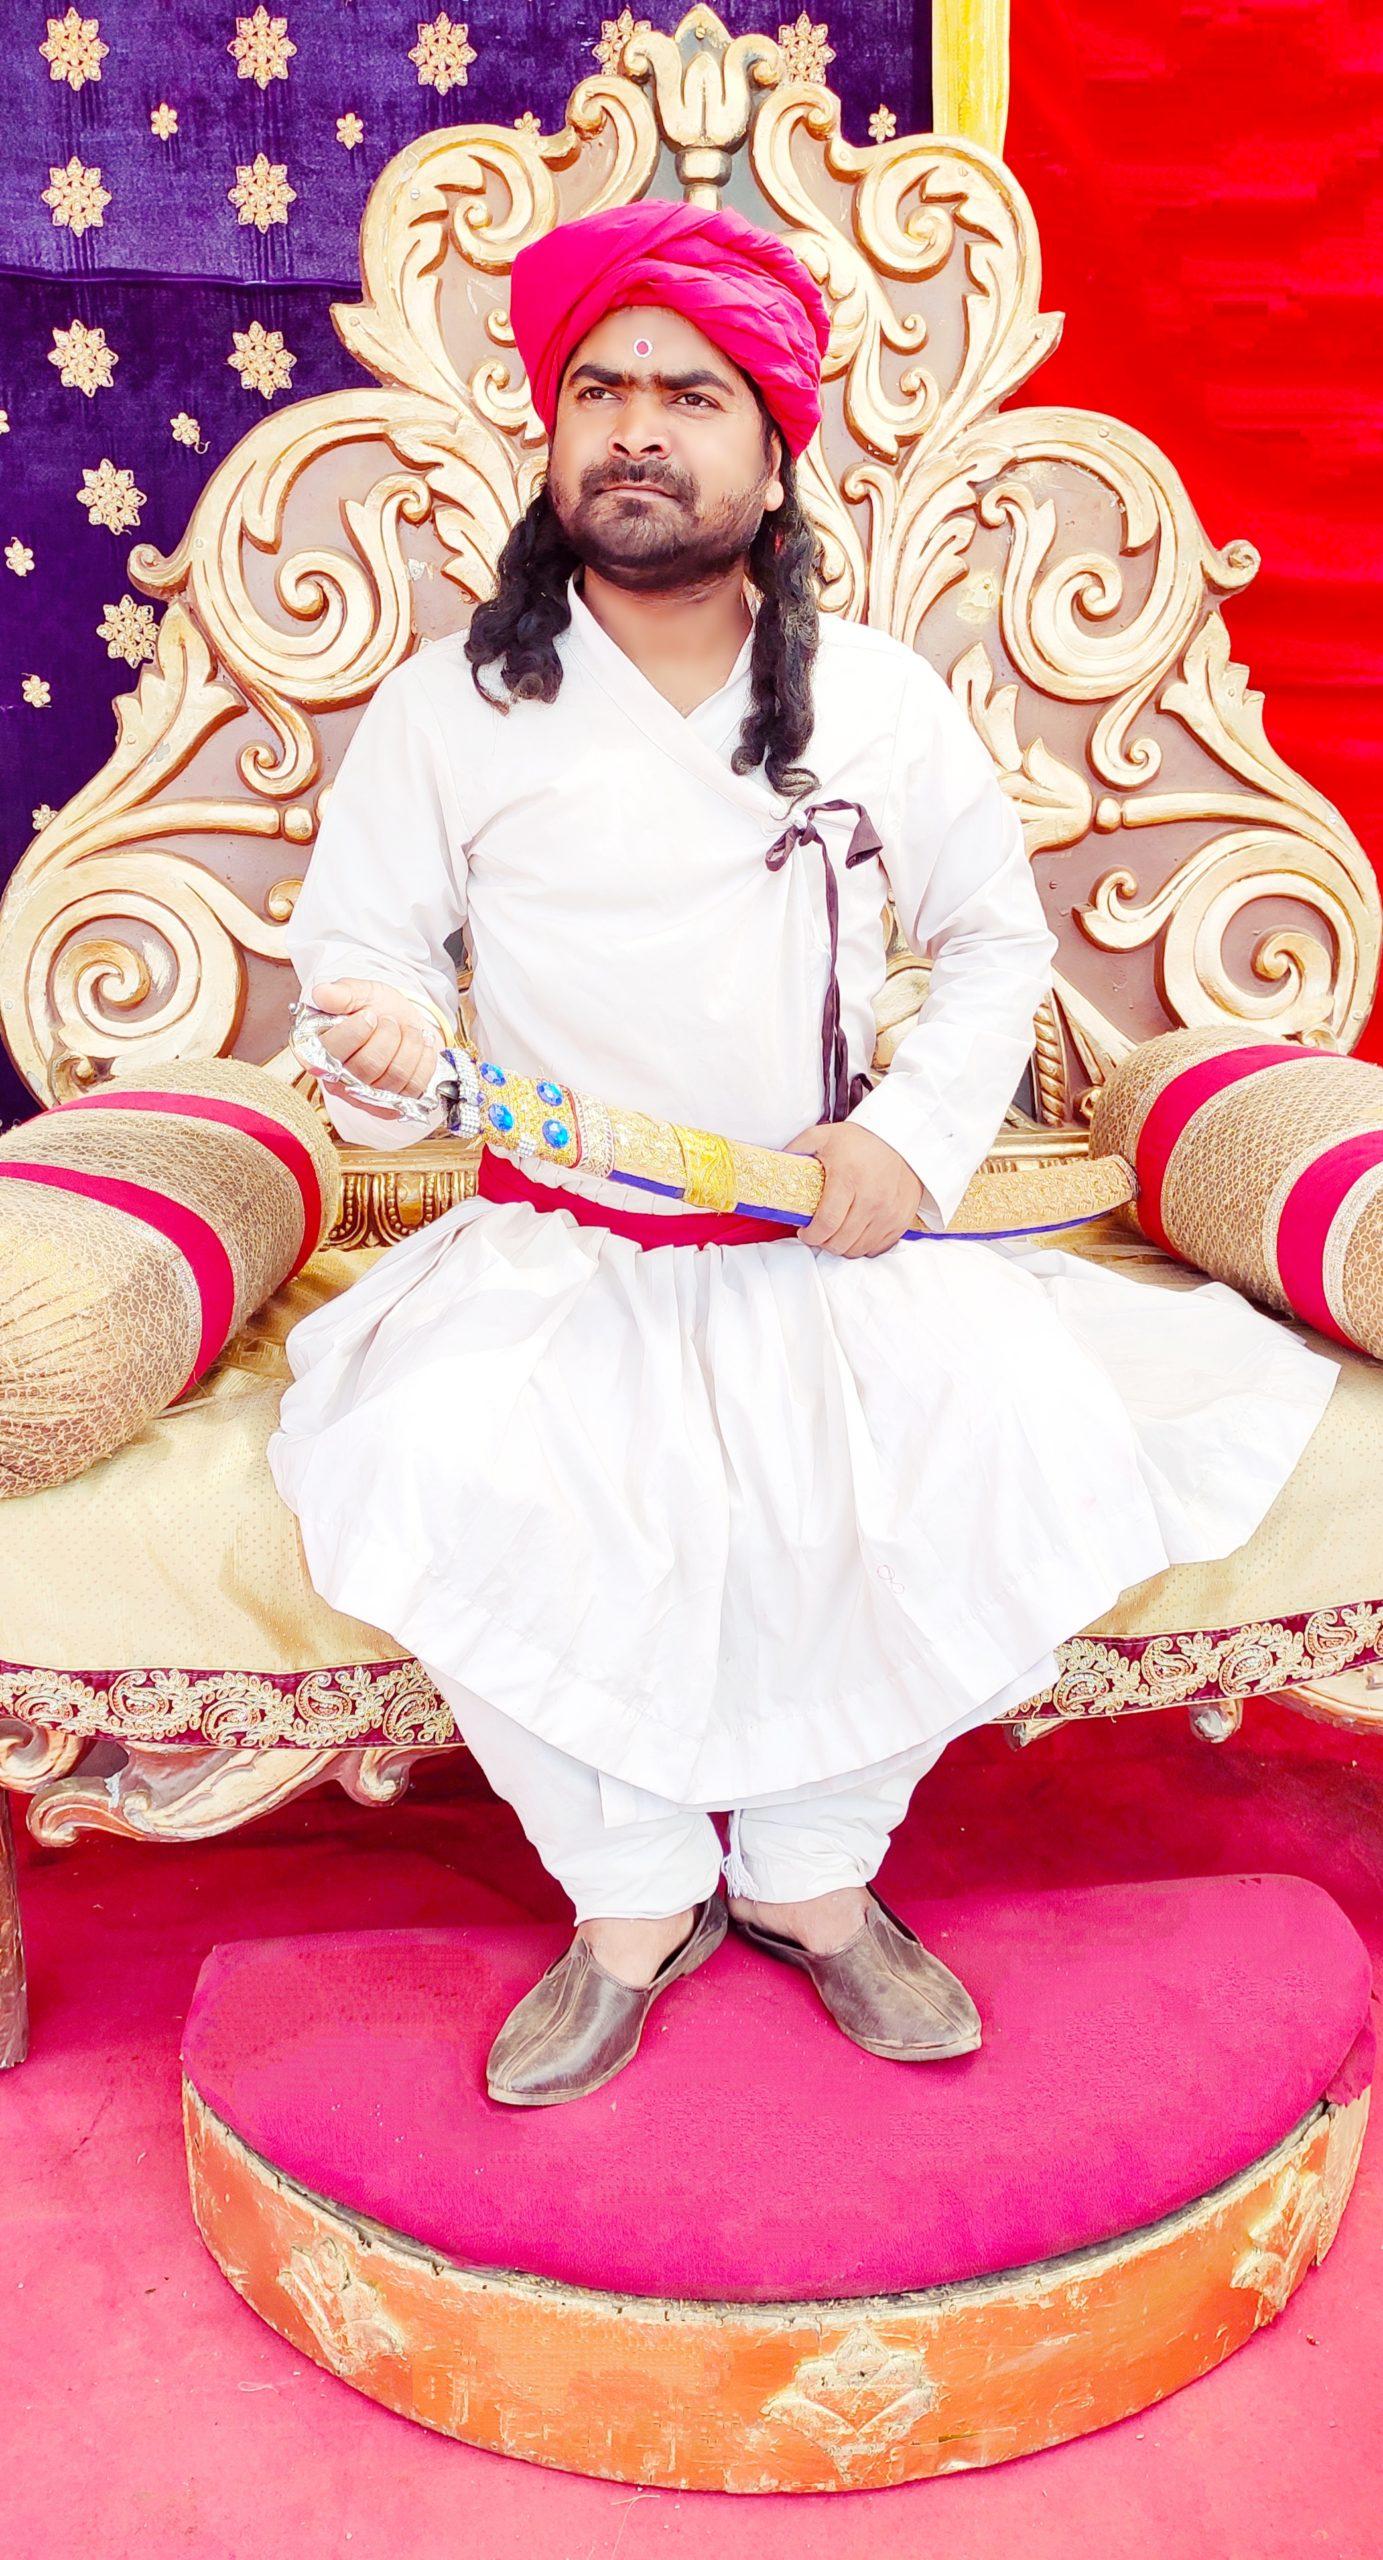 सुनिल कवि राज तेनालीराम टीवी सिरियल मे काम कर रहे हैं   Sunil Kavi Razz is work in Tenalirama TV Serial. 38